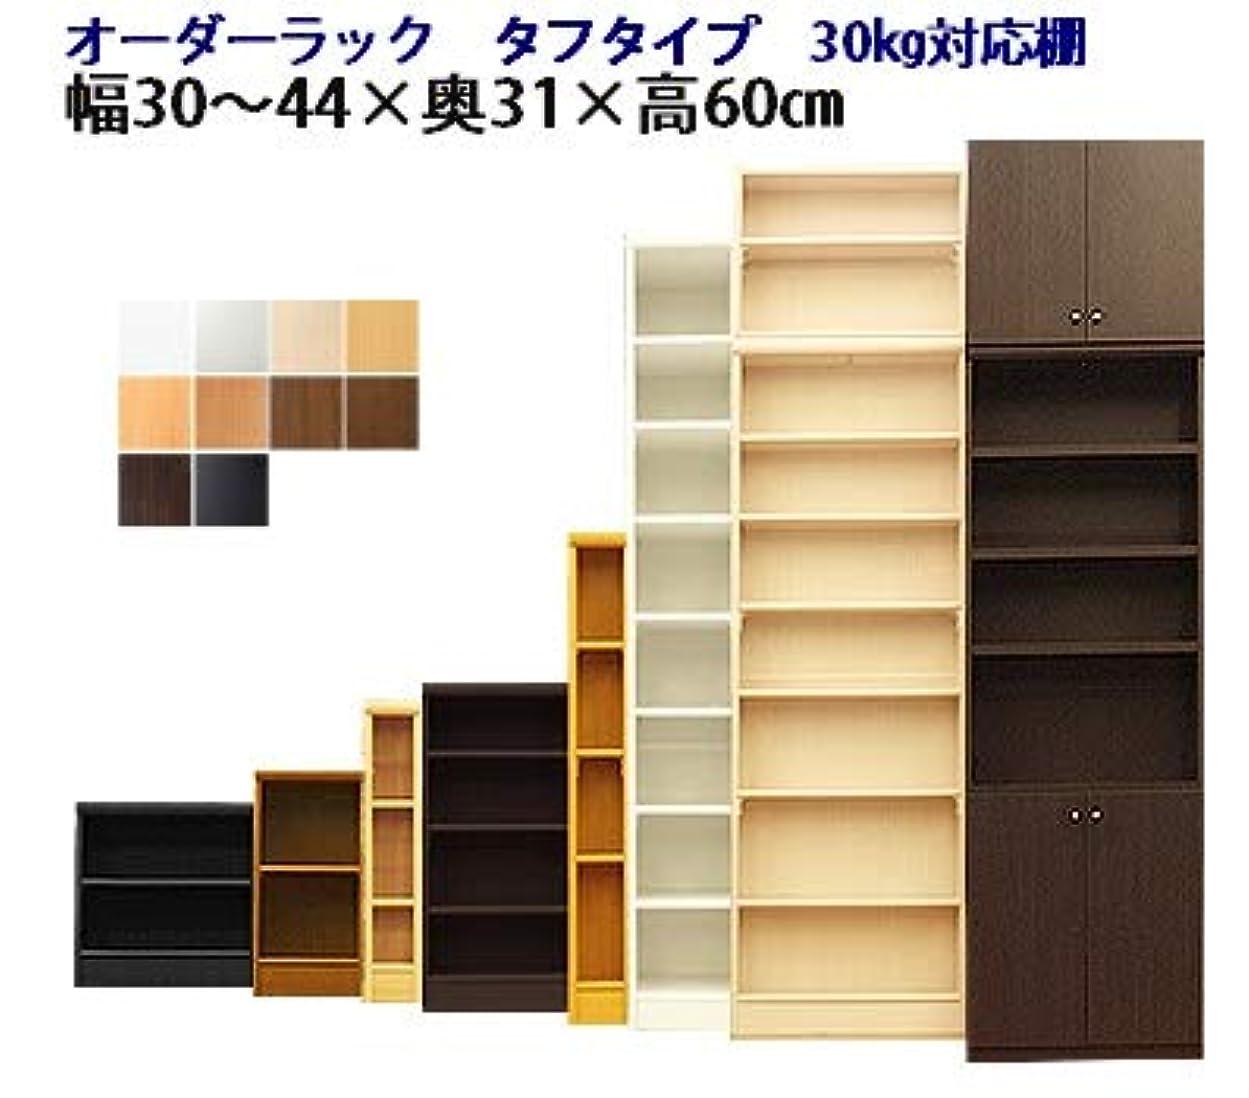 枯渇コードレス踏み台Rooms 本棚 カラーボックス ラック 2段 壁面収納 日本製(タフ) 奥行31 高さ60cm 幅(cm):34 ホワイト